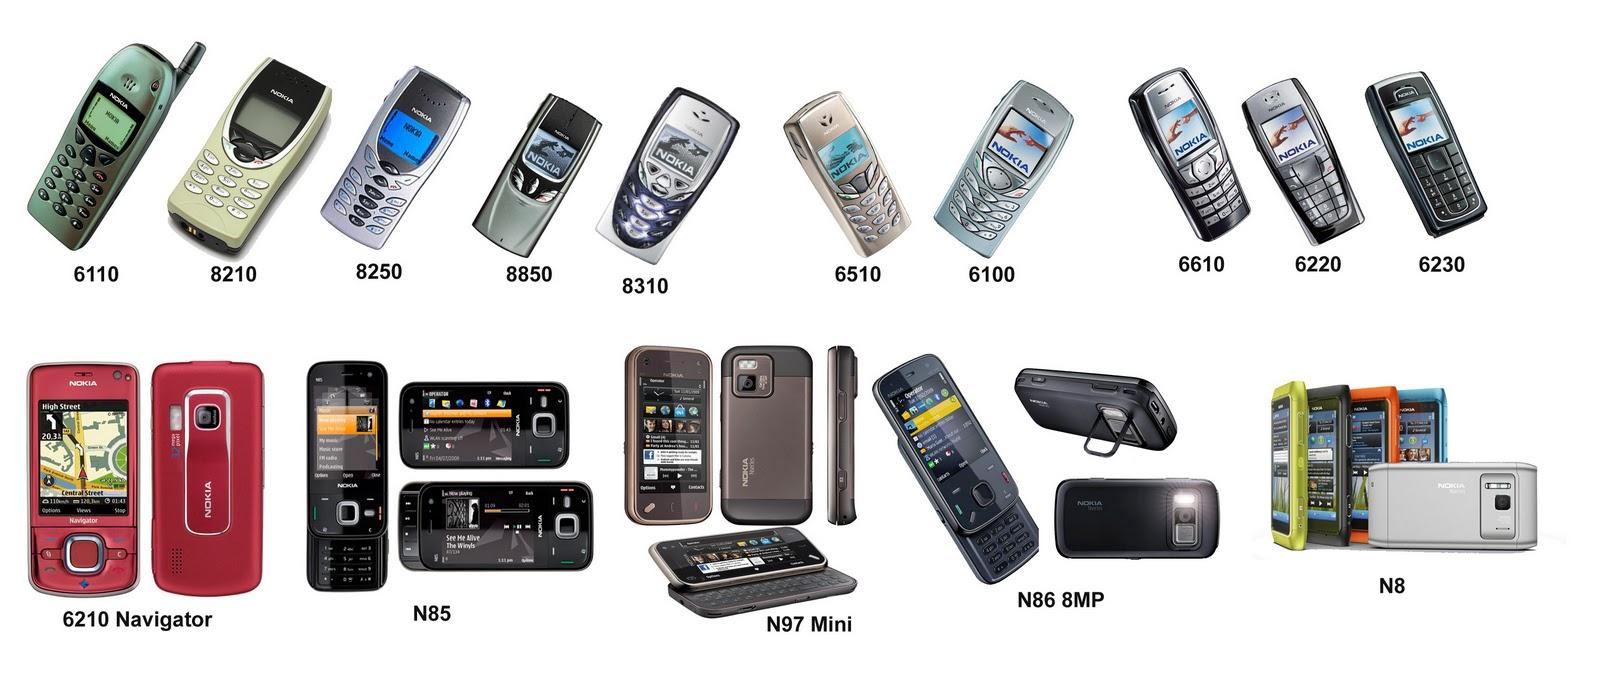 Все модели телефонов нокиа с картинками